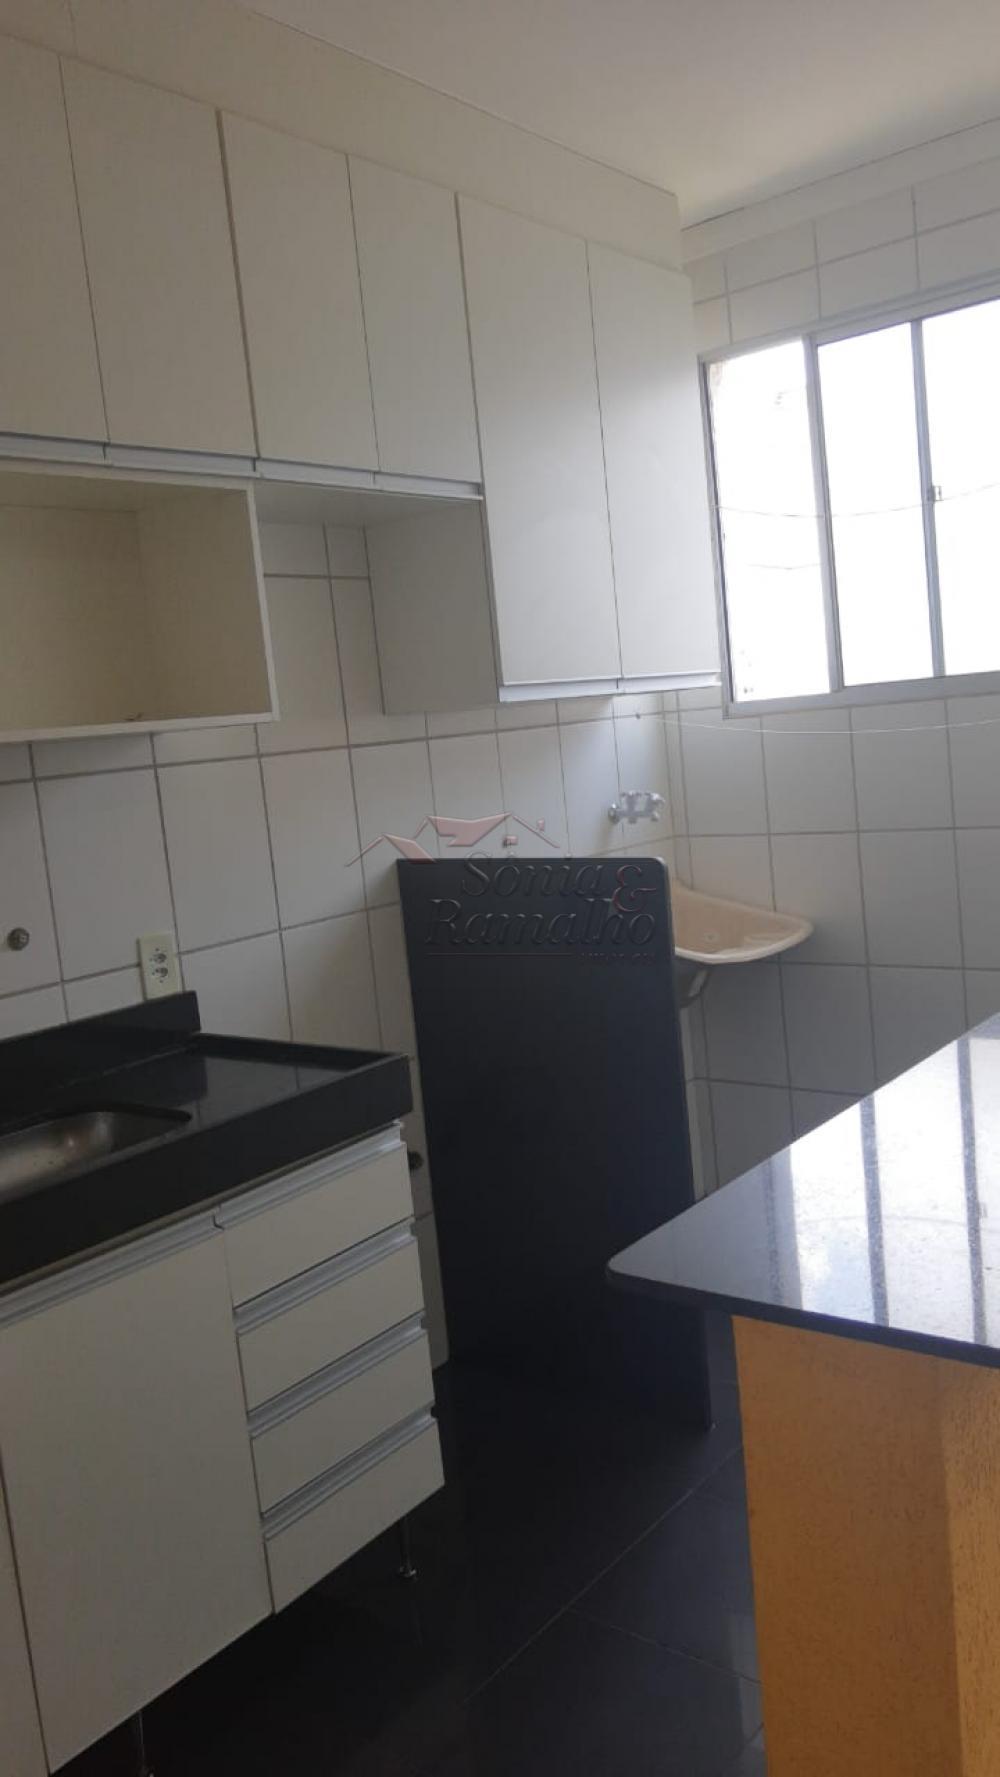 Comprar Apartamentos / Padrão em Ribeirão Preto R$ 190.000,00 - Foto 5